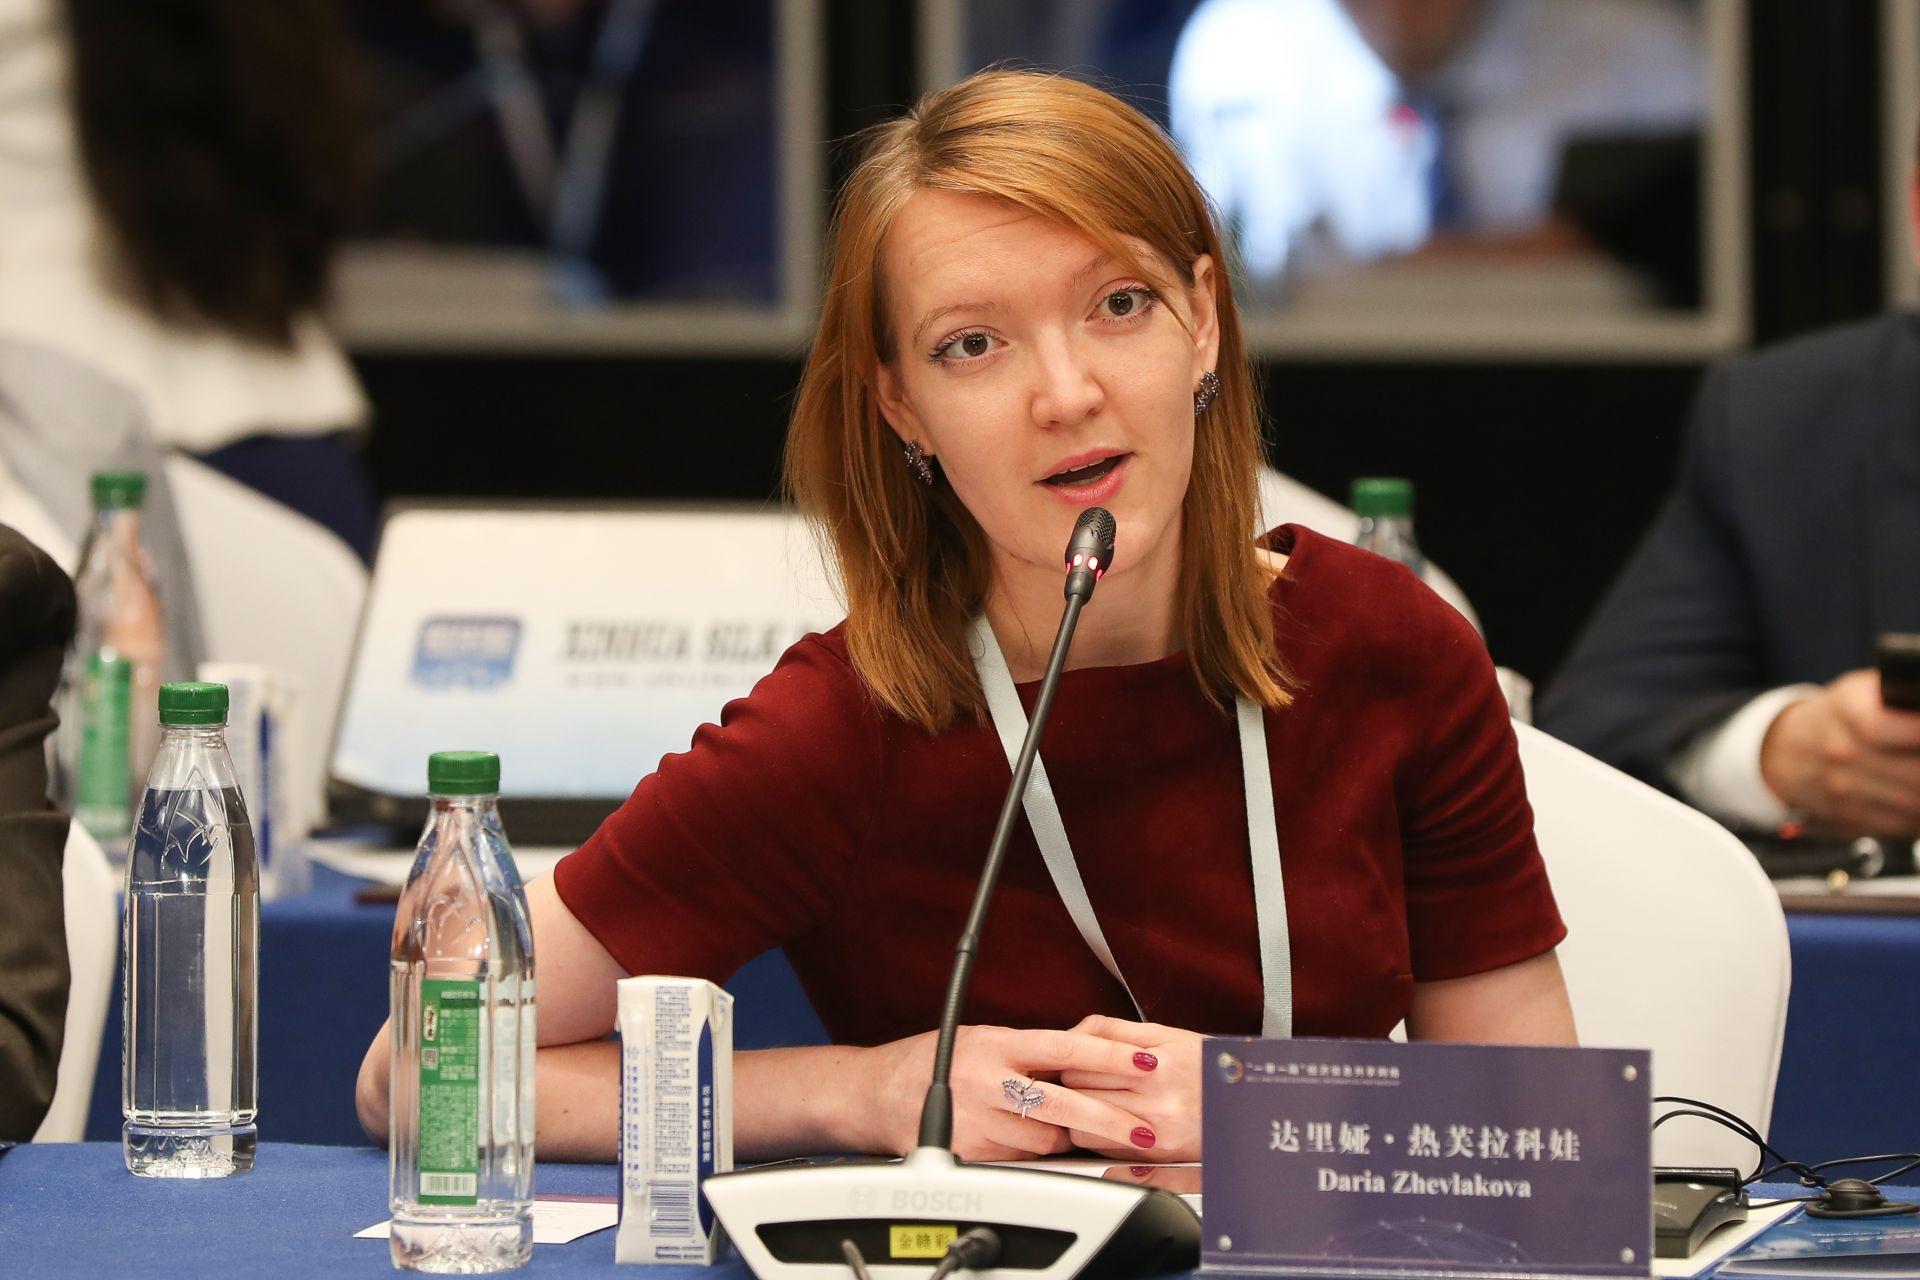 达里娅•热芙拉科娃  国际文传电讯社客户服务部主管